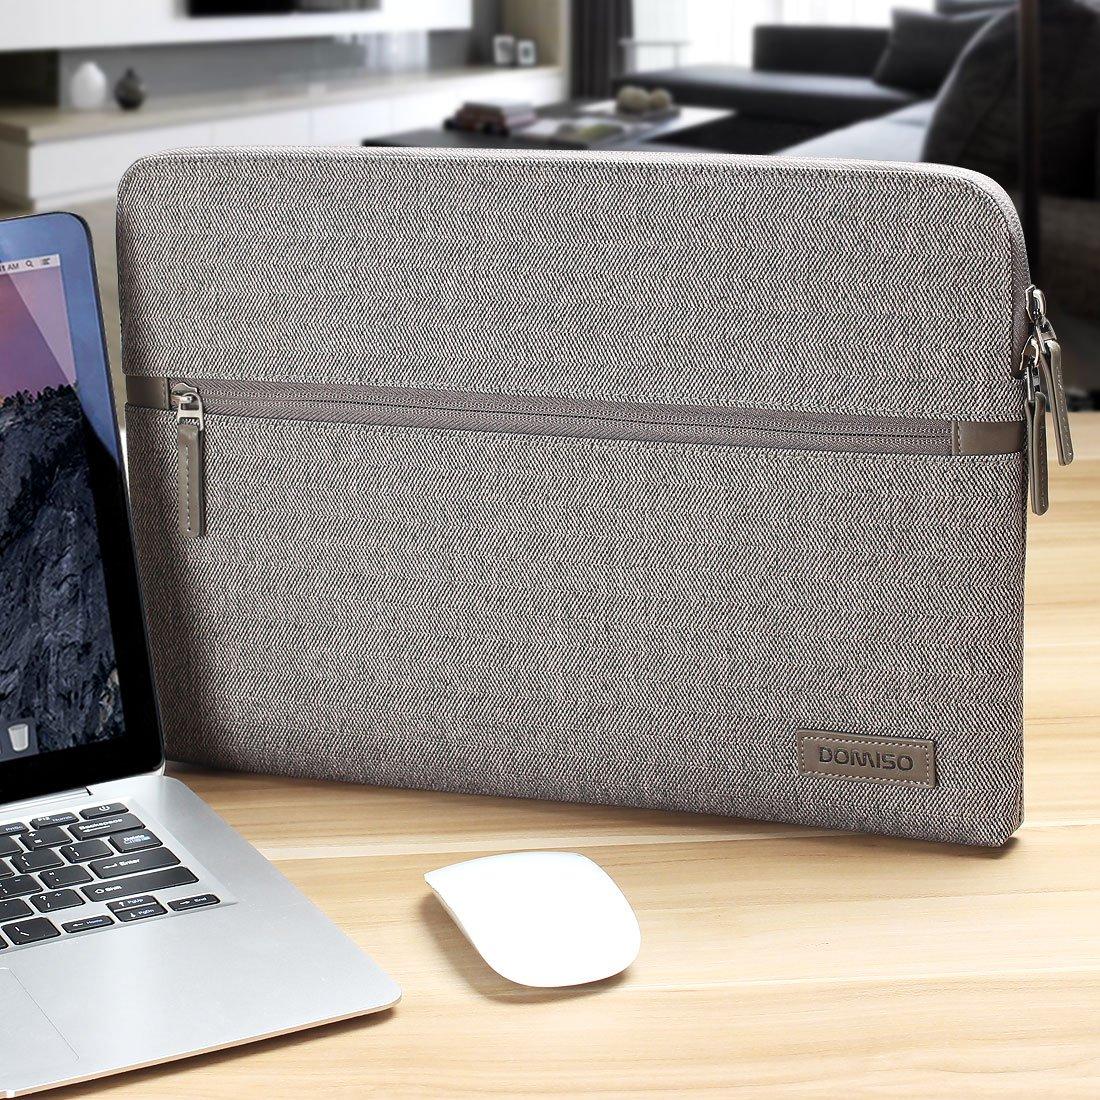 Acer Asus Tablet Netbook HP DOMISO 10,1-10,5 Pulgadas Funda Resistente al Agua Bolsa Protectora para Ordenador Port/átil Gris 9.7 iPad Pro 10.1 Lenovo Tab 4 Plus